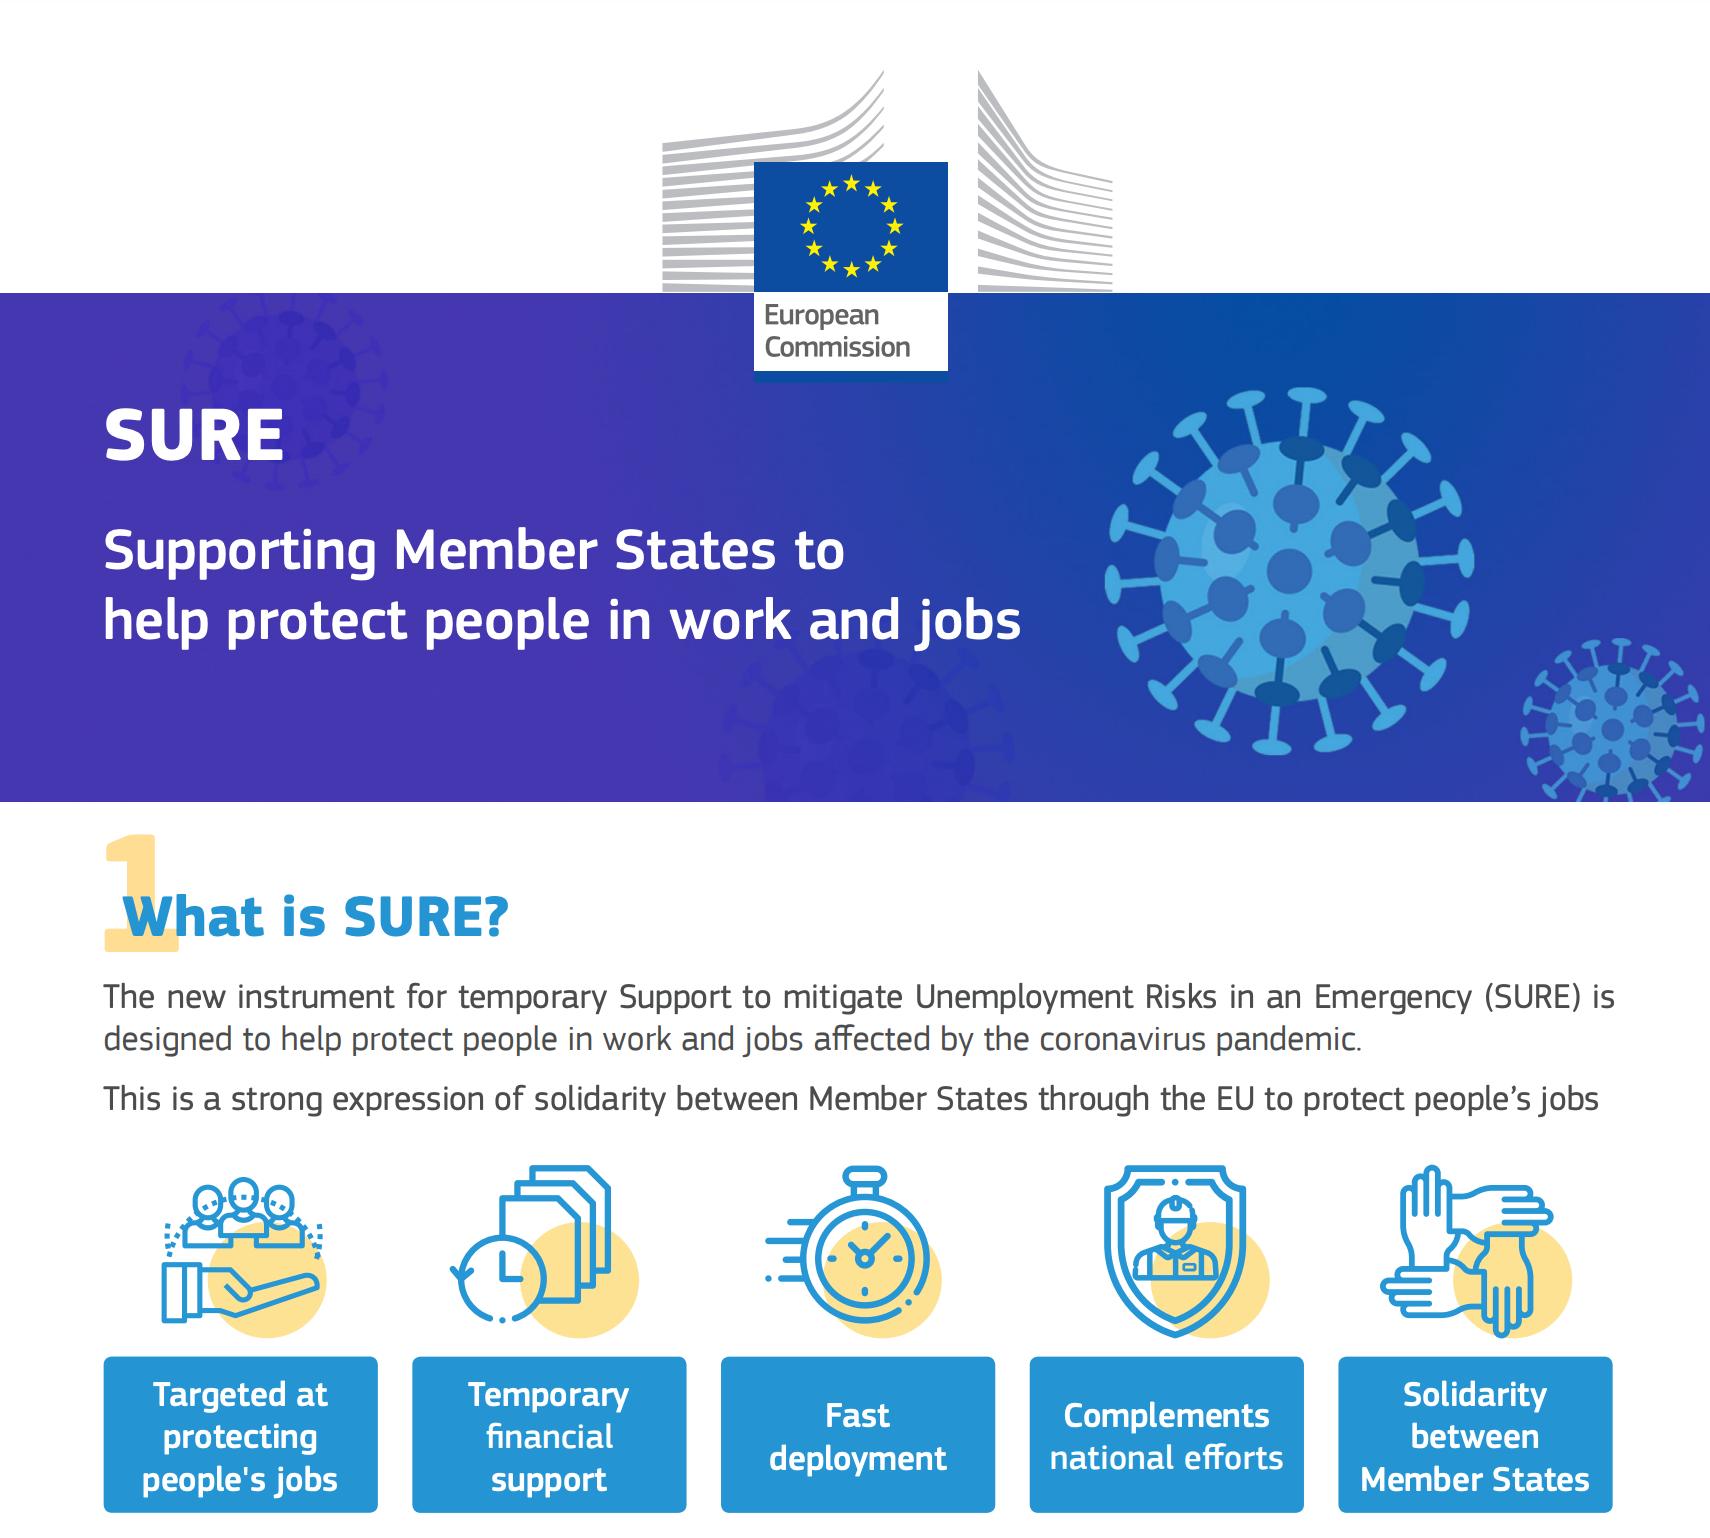 La Comisión Europea lanza su primer plan salvavidas con 100.000 millones de euros para combatir las consecuencias del Coronavirus Covid-19